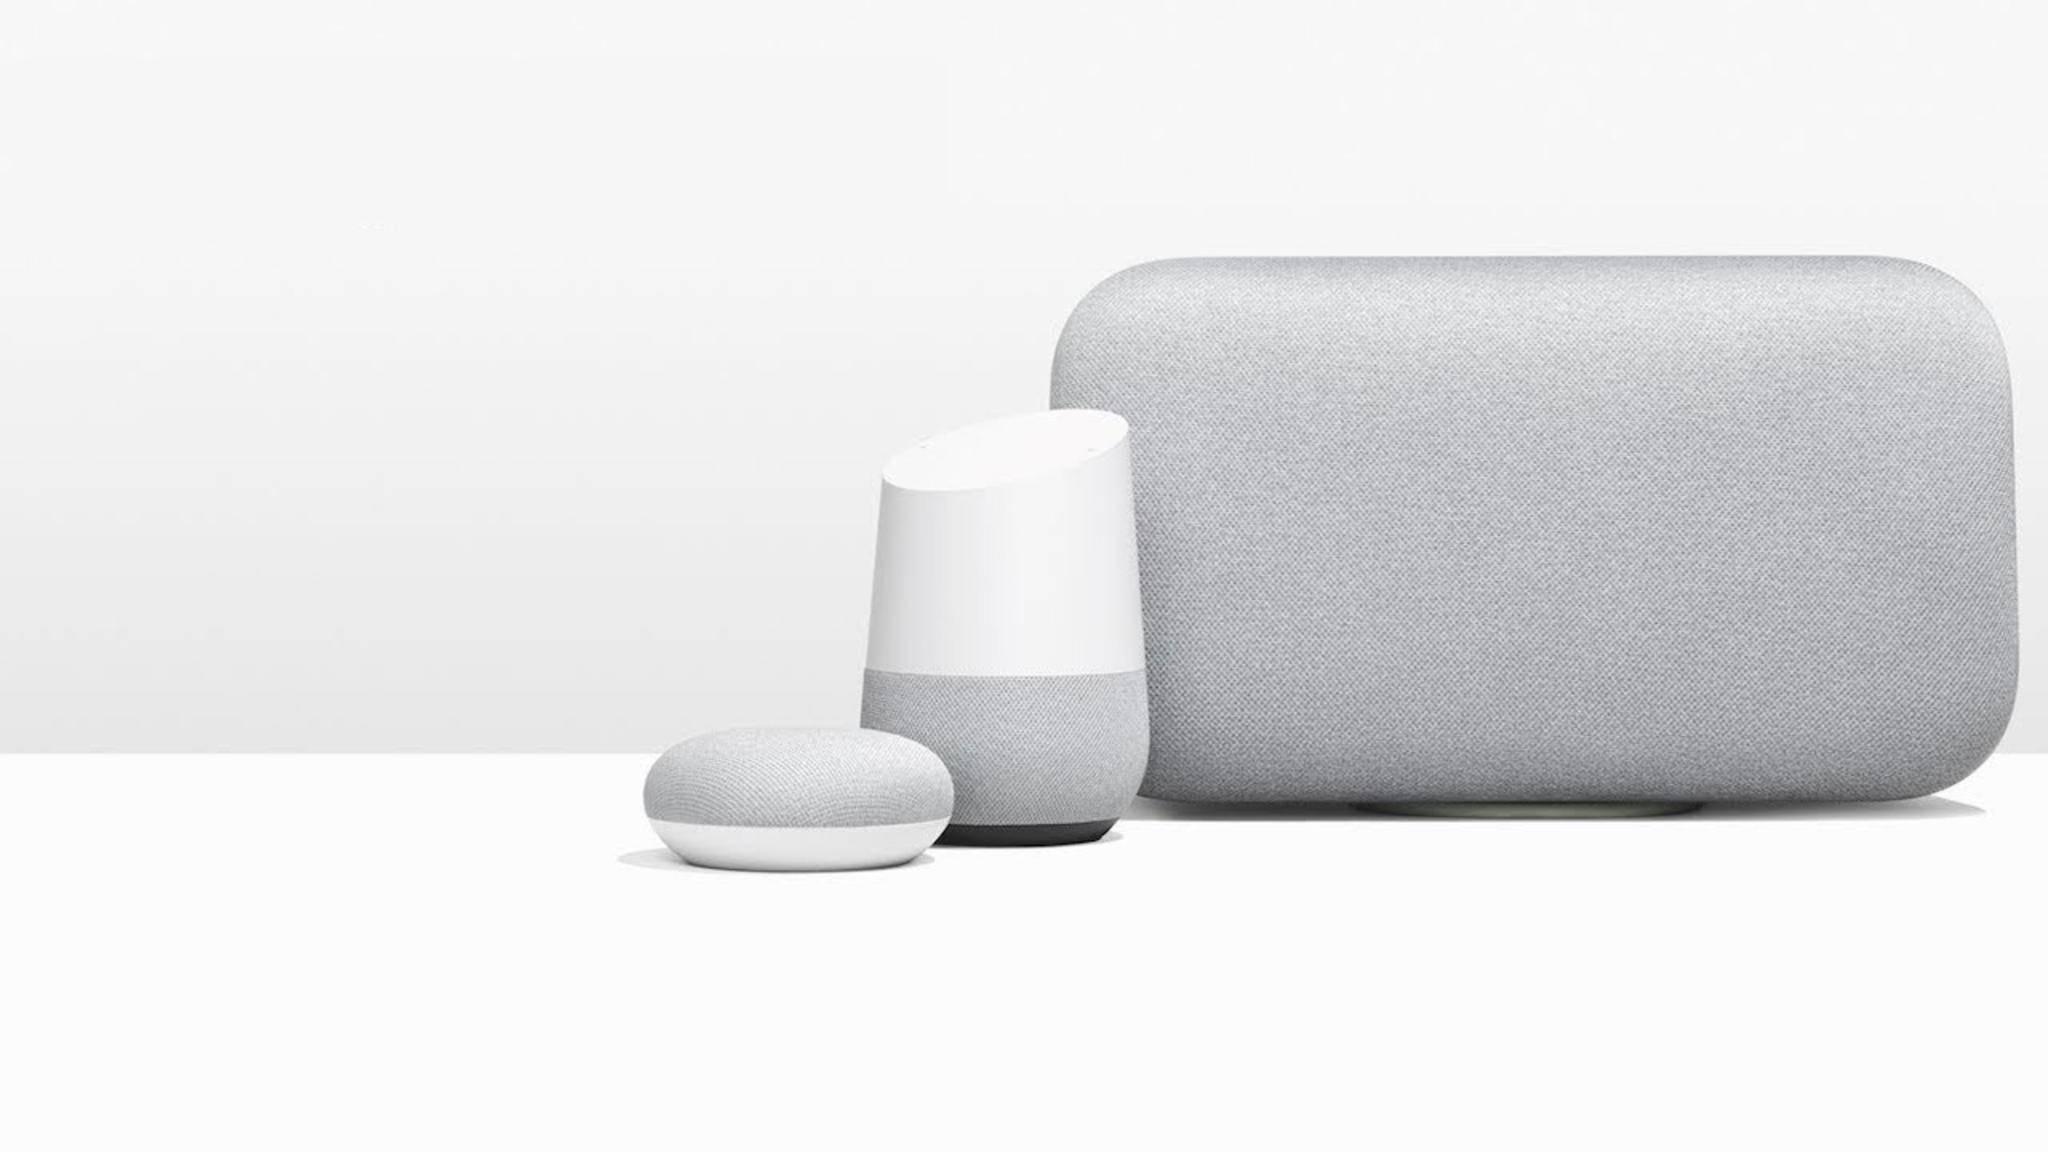 Drei unterschiedliche Google-Home-Lautsprecher bietet Google mittlerweile an: Doch was sind die Unterschiede?